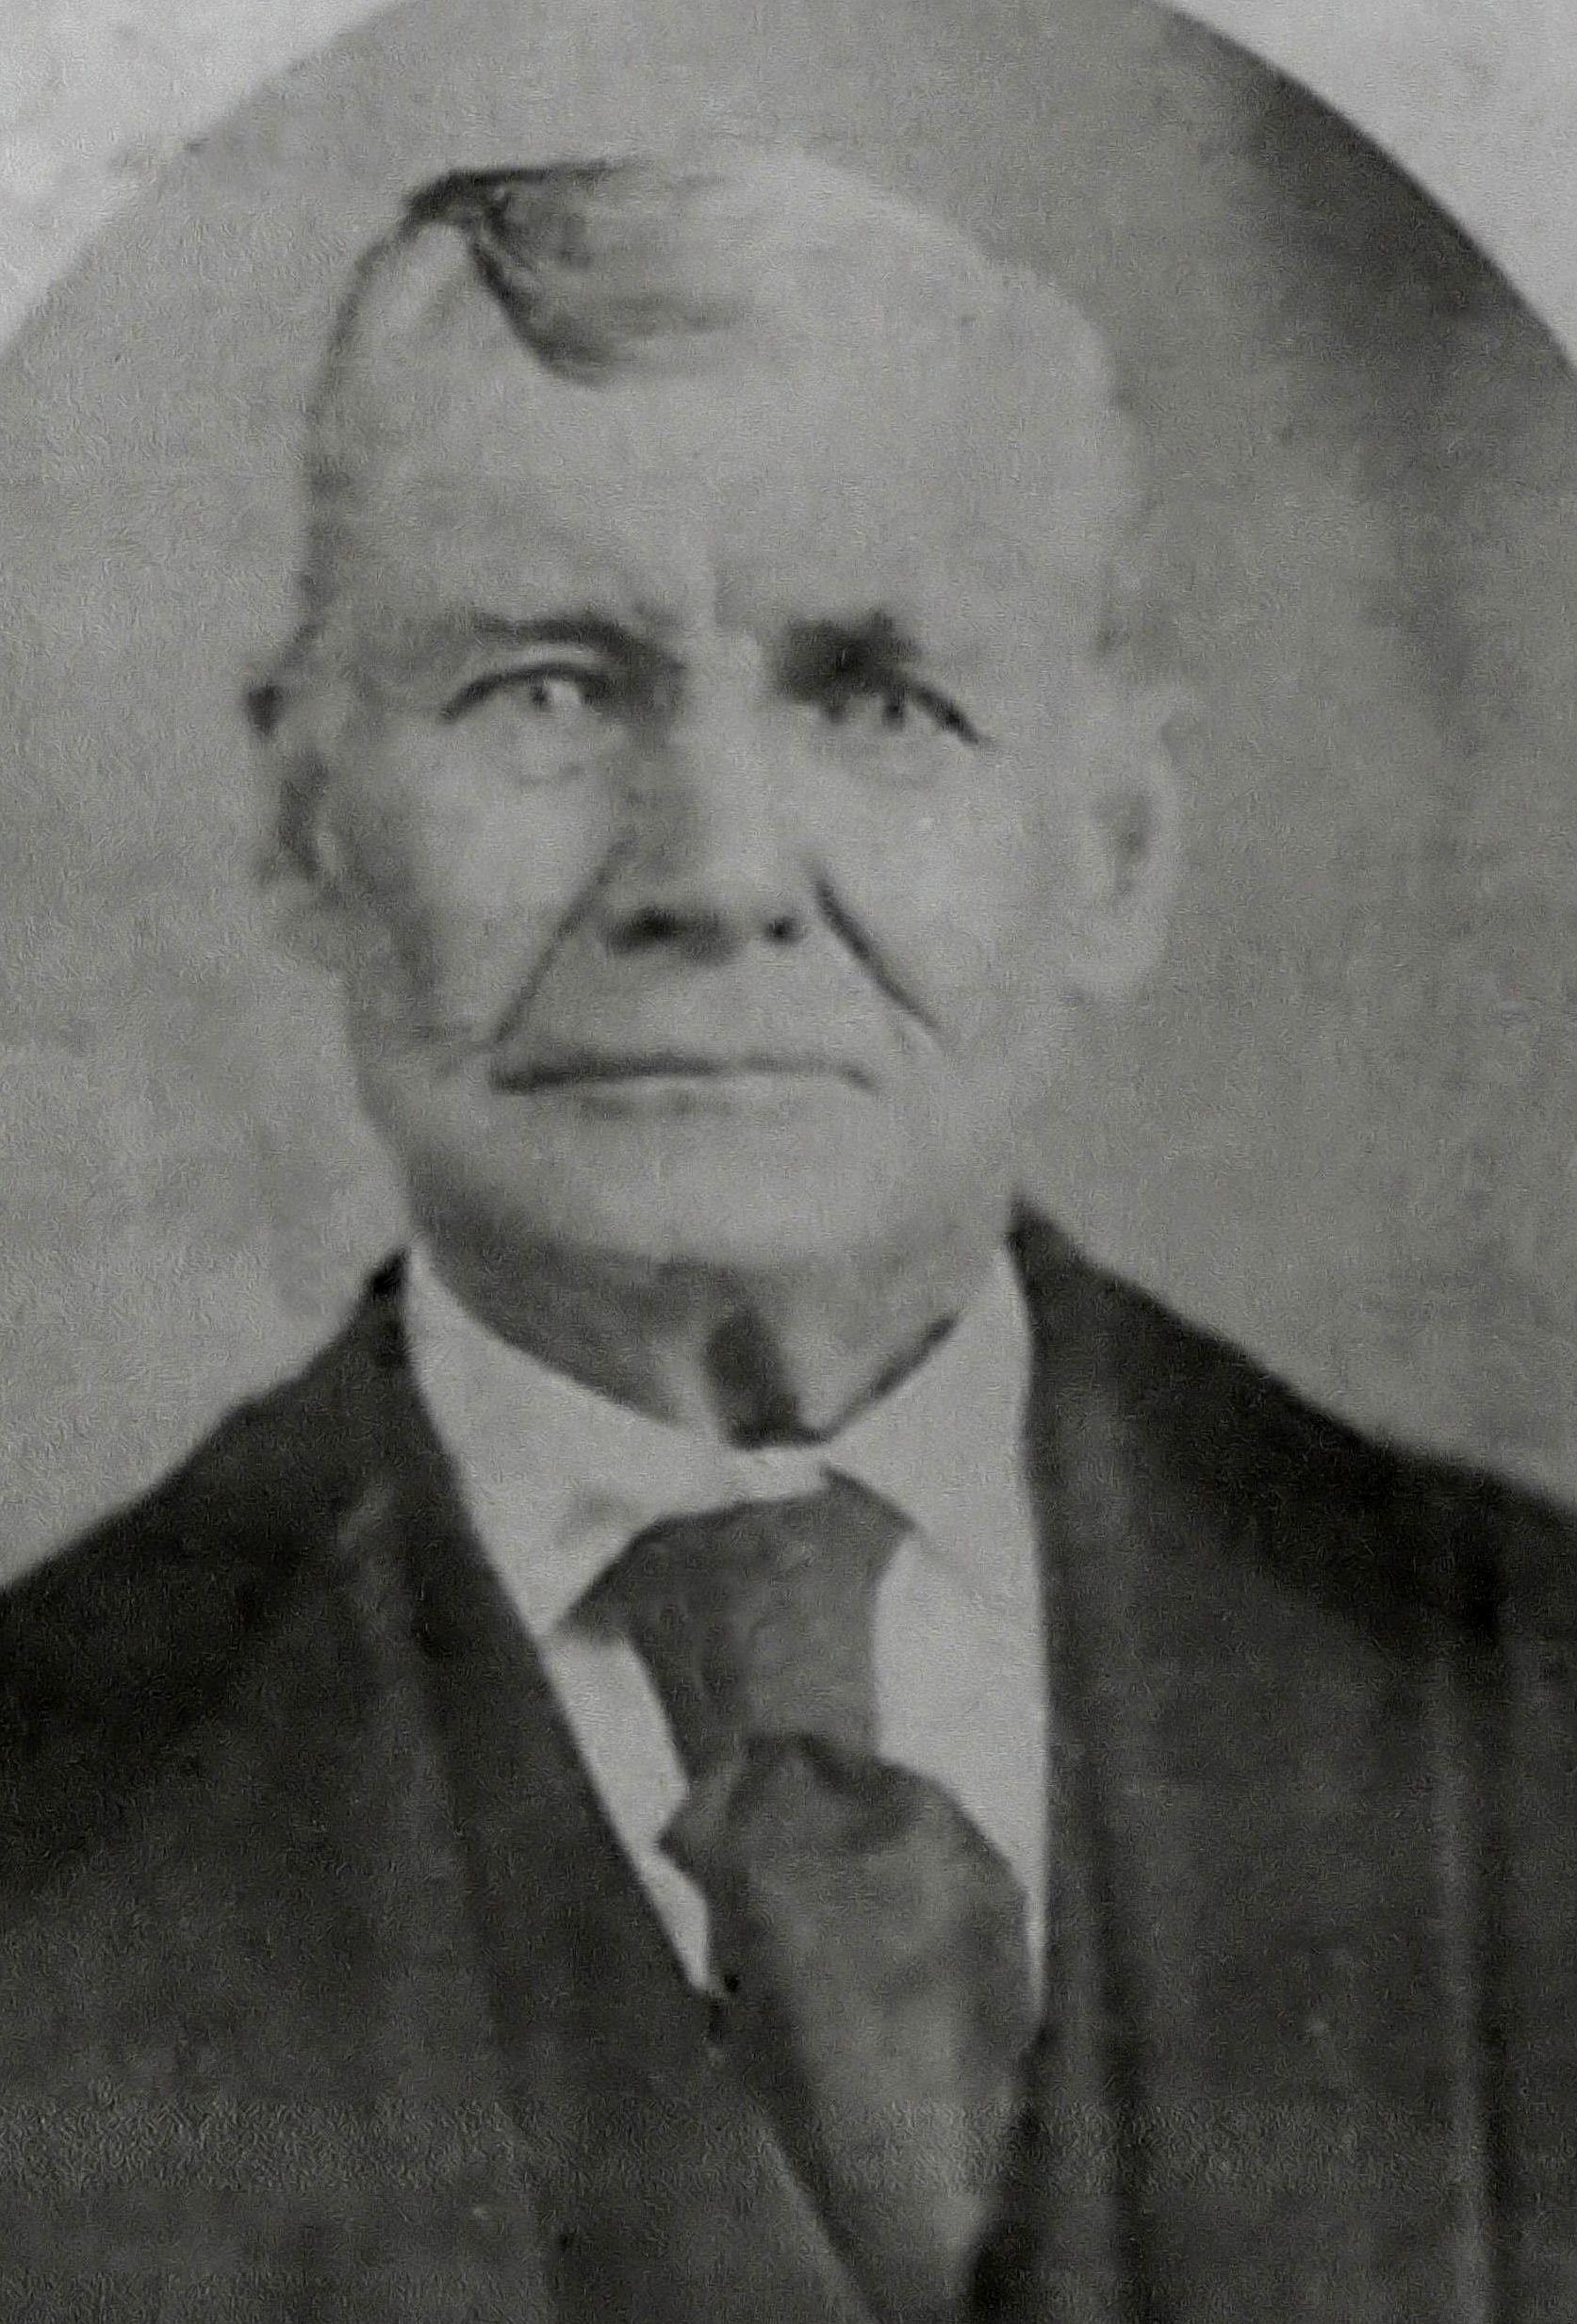 Peck, Martin Horton